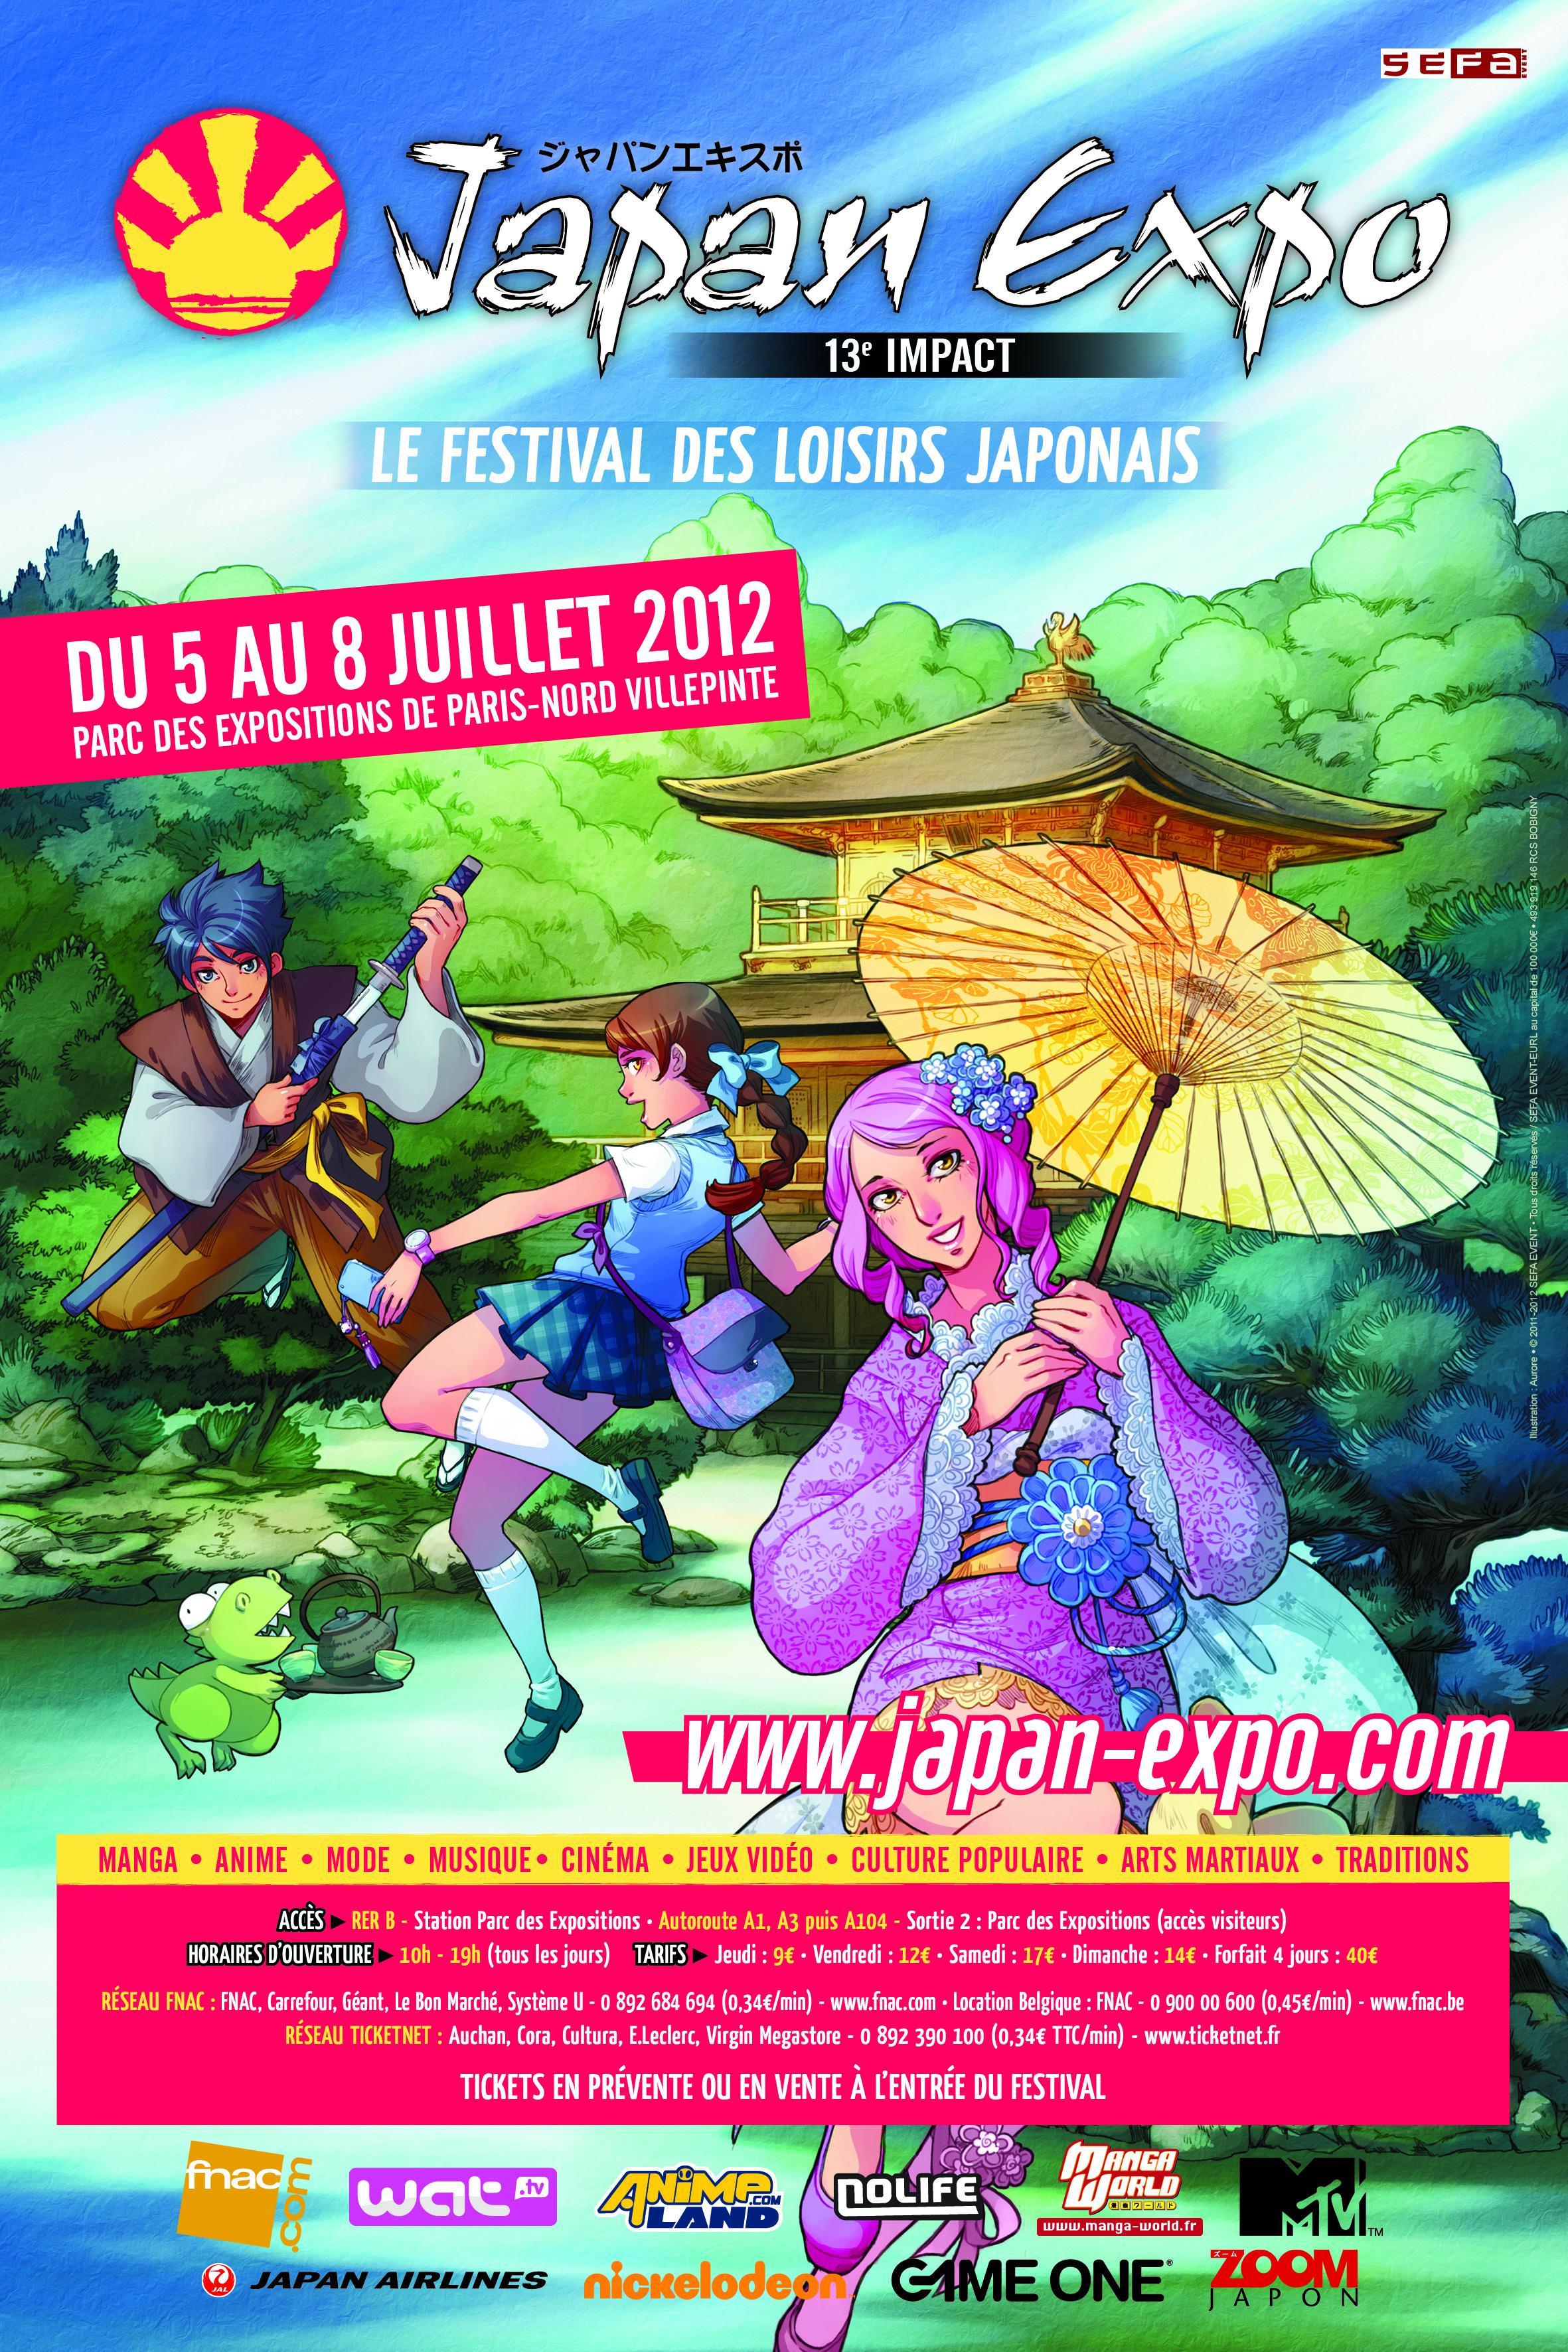 [Évènement] Japan Expo 13 : Vous allez y faire quoi ?